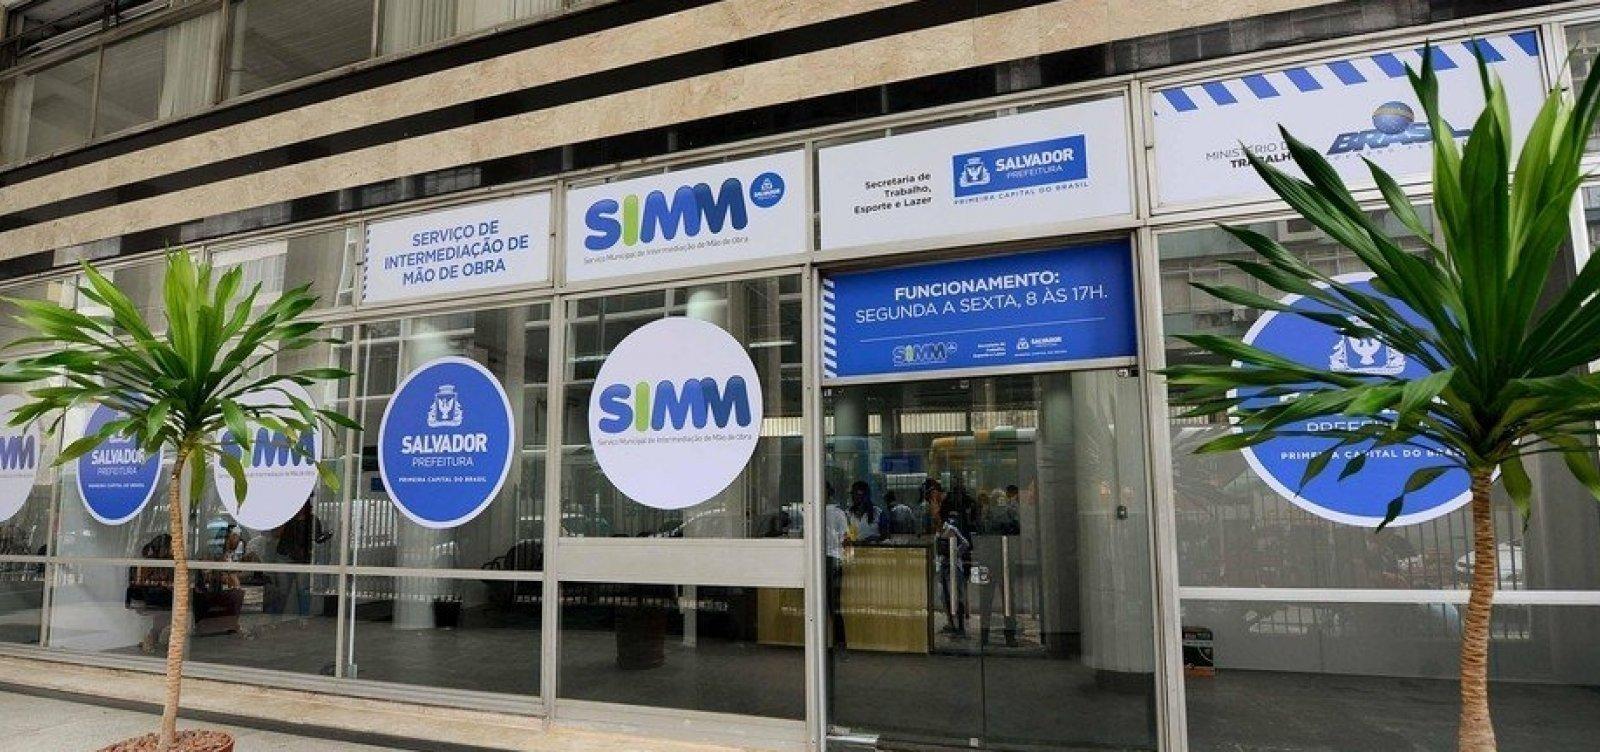 Simm oferece 55 vagas de emprego em Salvador para esta sexta; confira